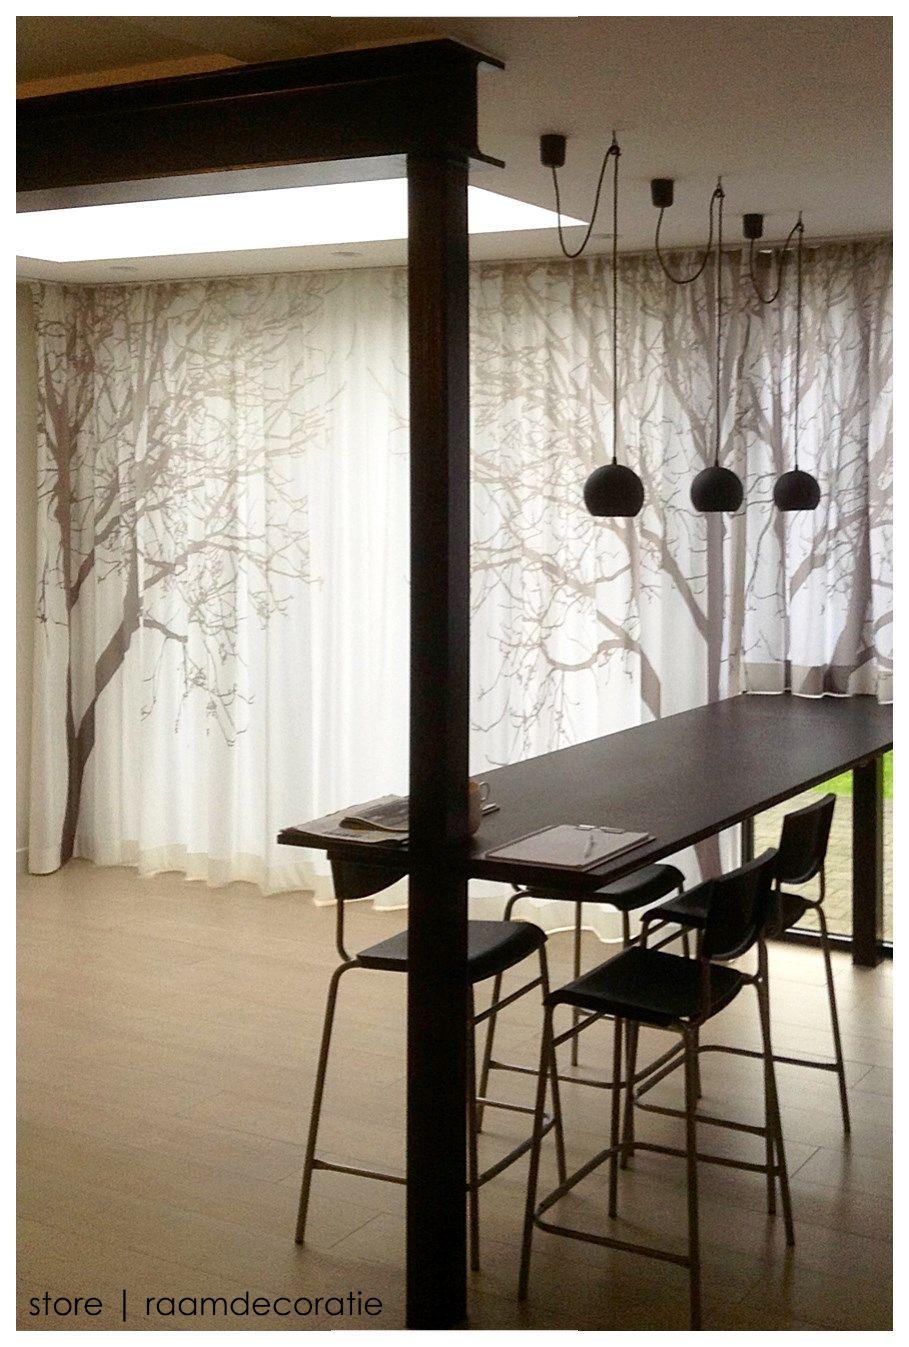 De Groot Interieur Realisatie.Realisatie Legend Kendix Storeleuven Kendix Keuken